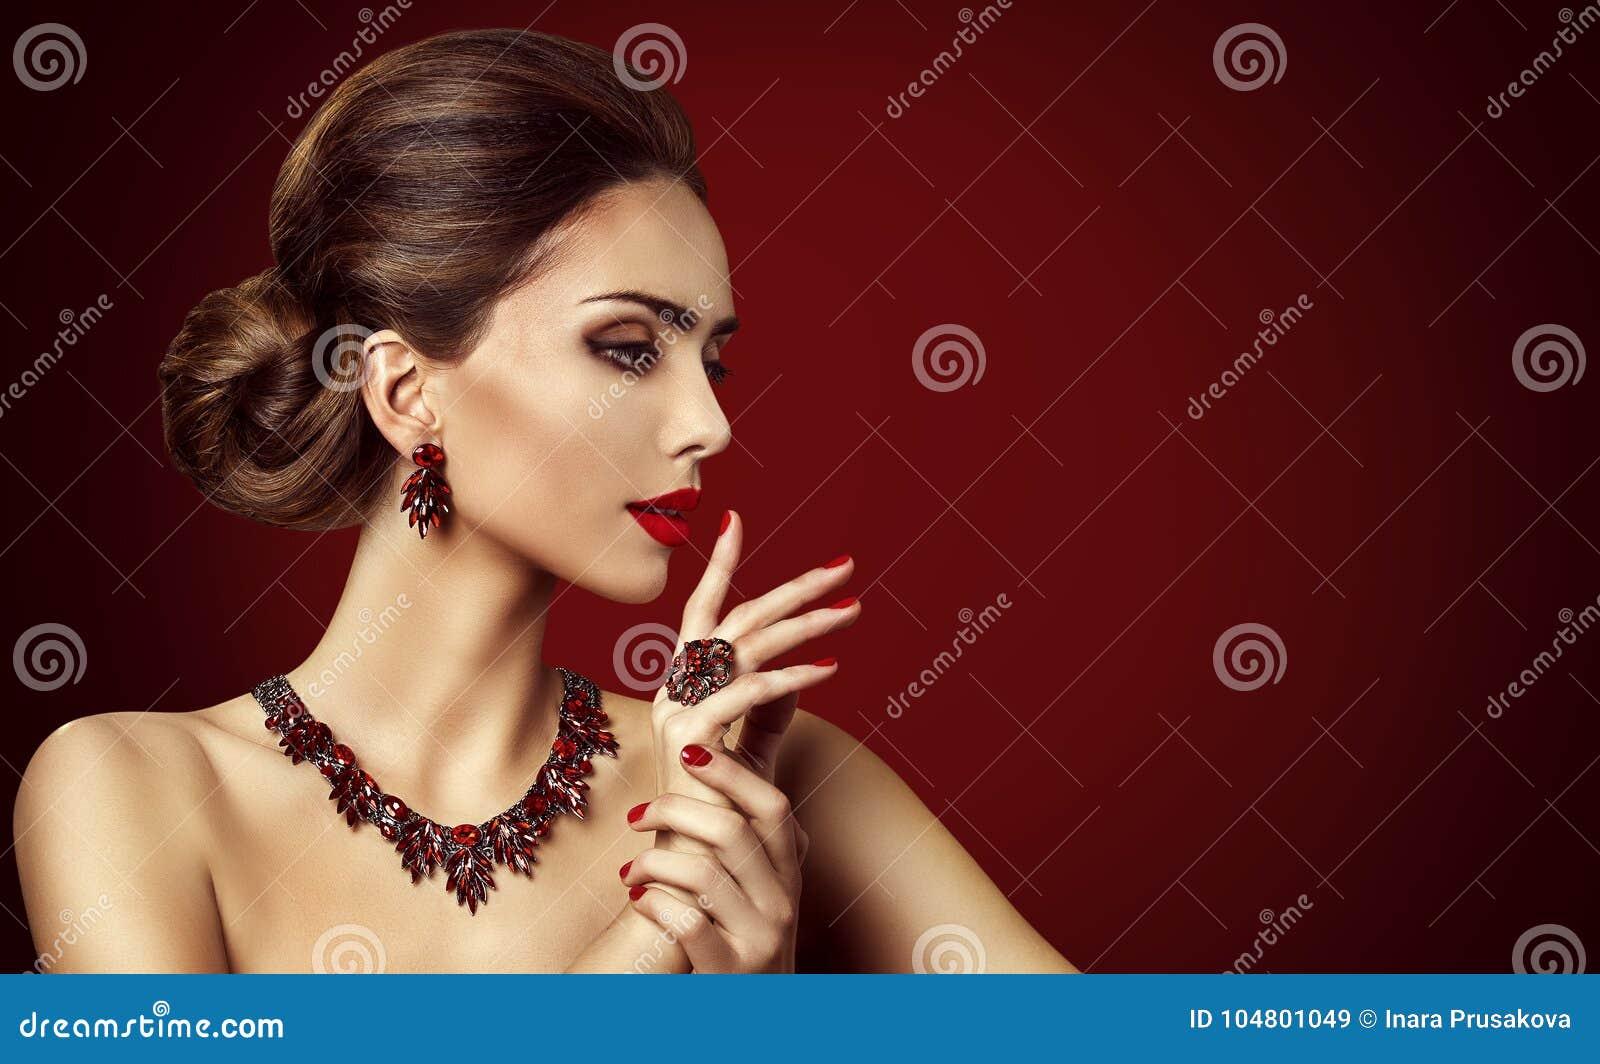 Modelo de forma Red Stone Jewelry, composição retro da mulher e anel vermelho